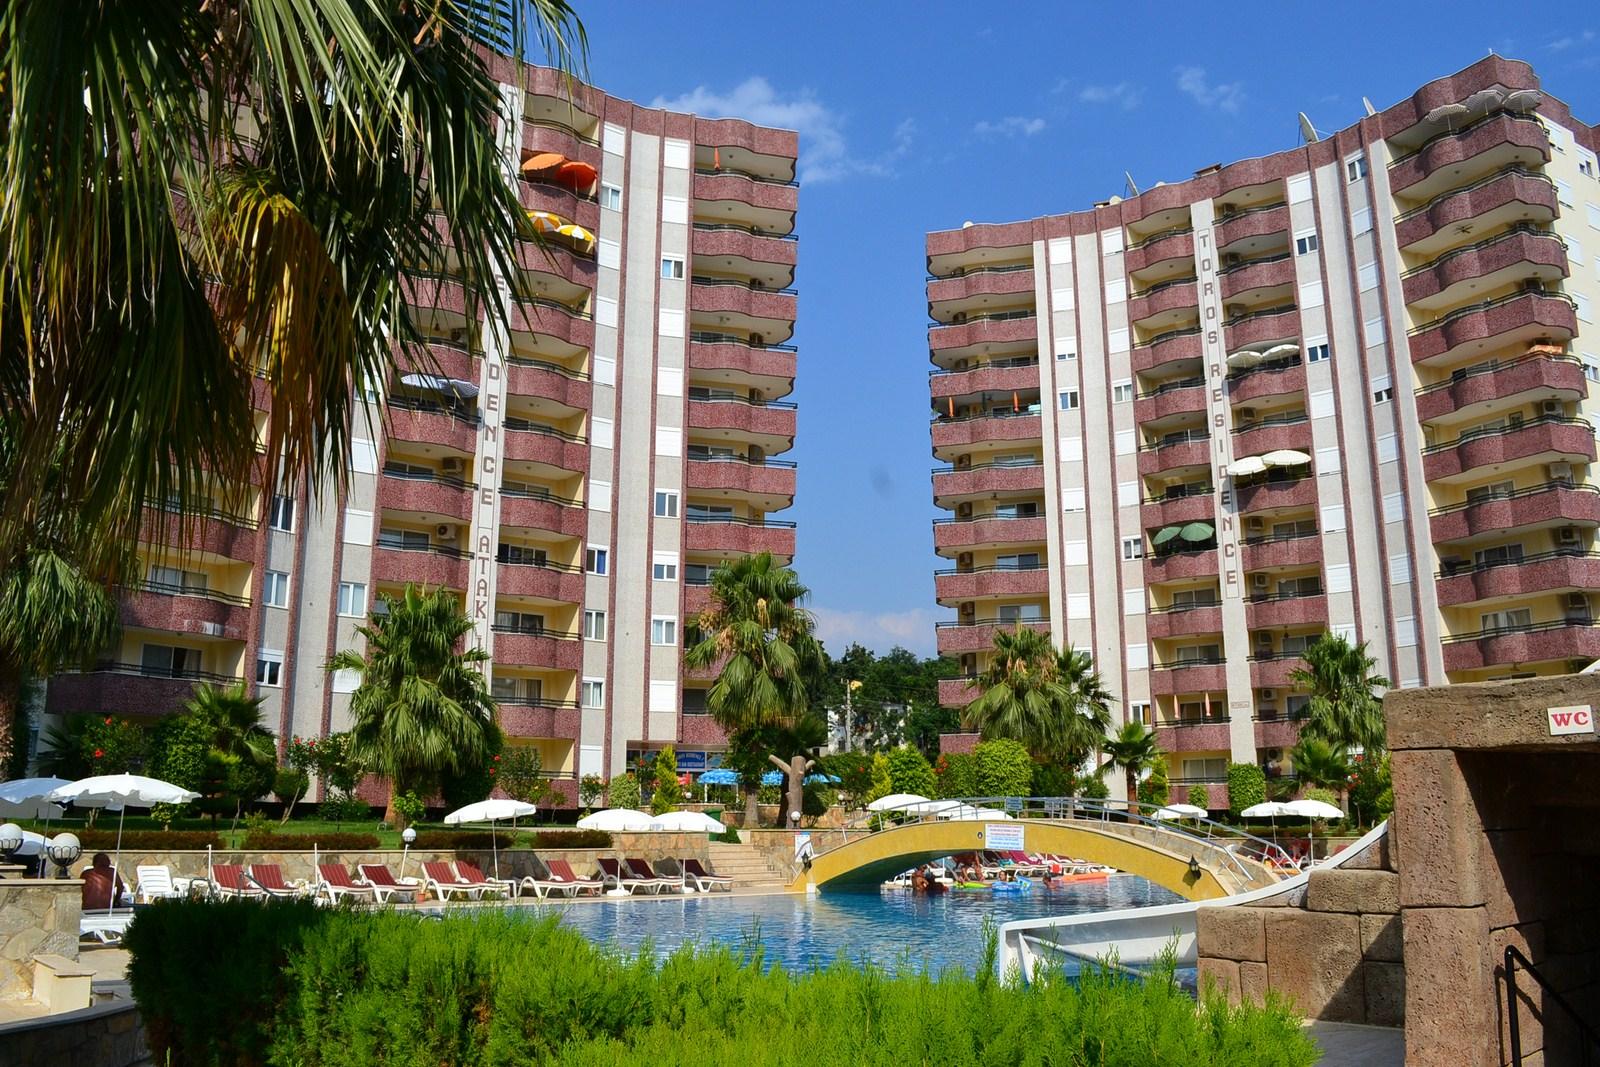 апартаменты 2+1 в ЖК Toros 1, стоимостью 55000 евро